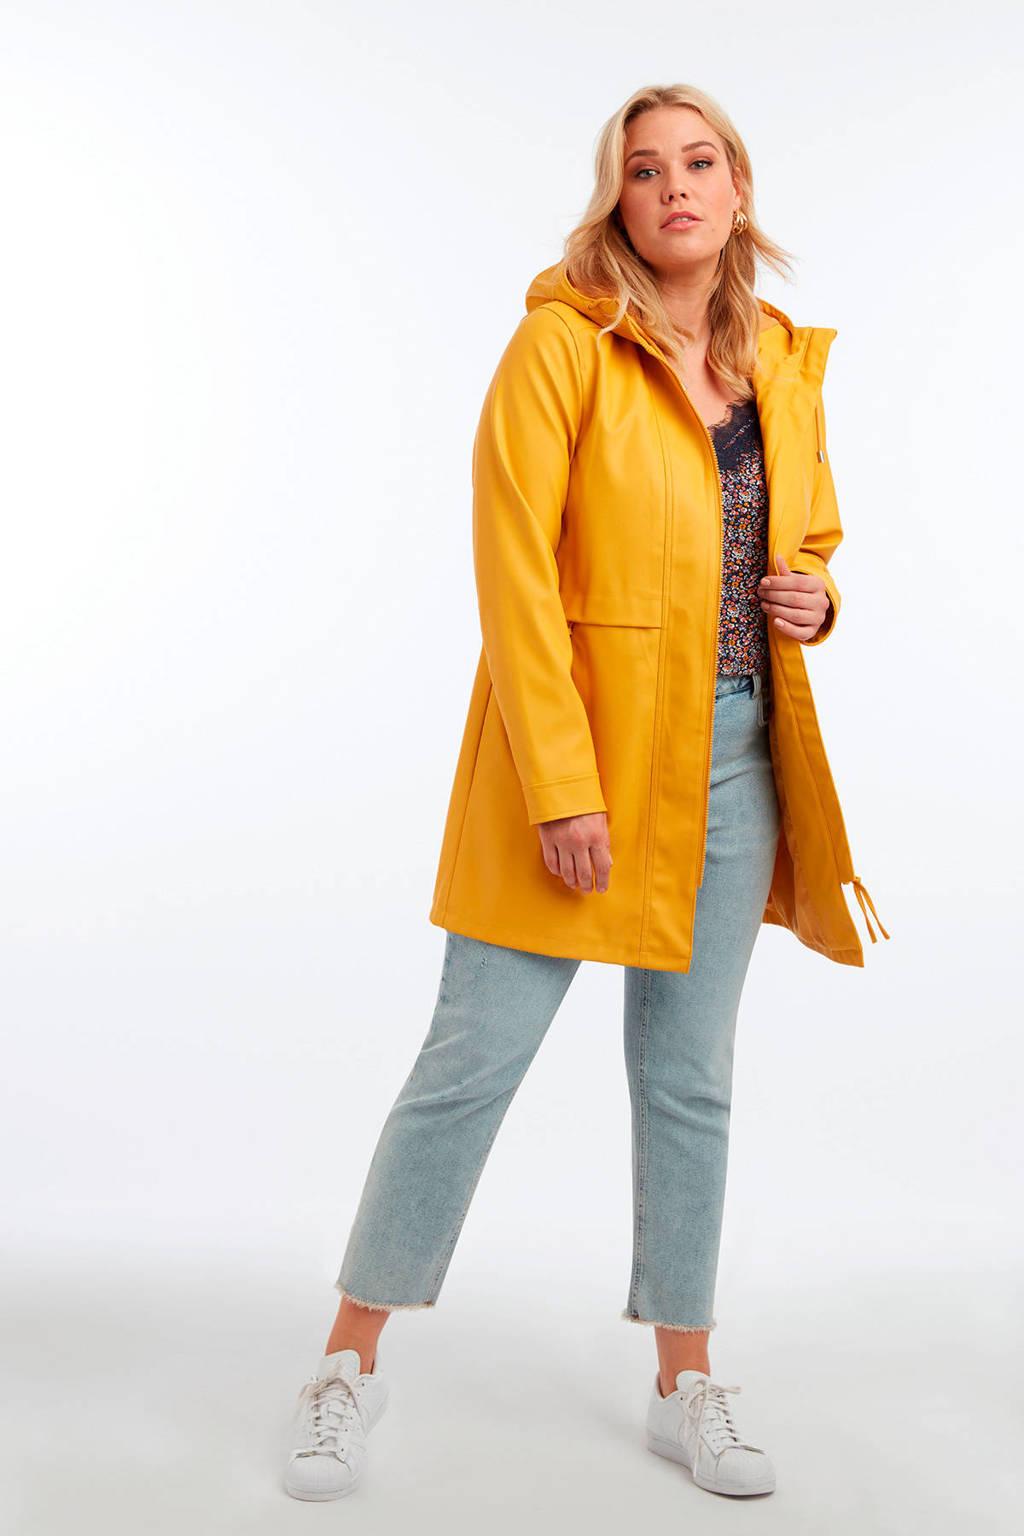 MS Mode regenjas oker geel, Oker geel